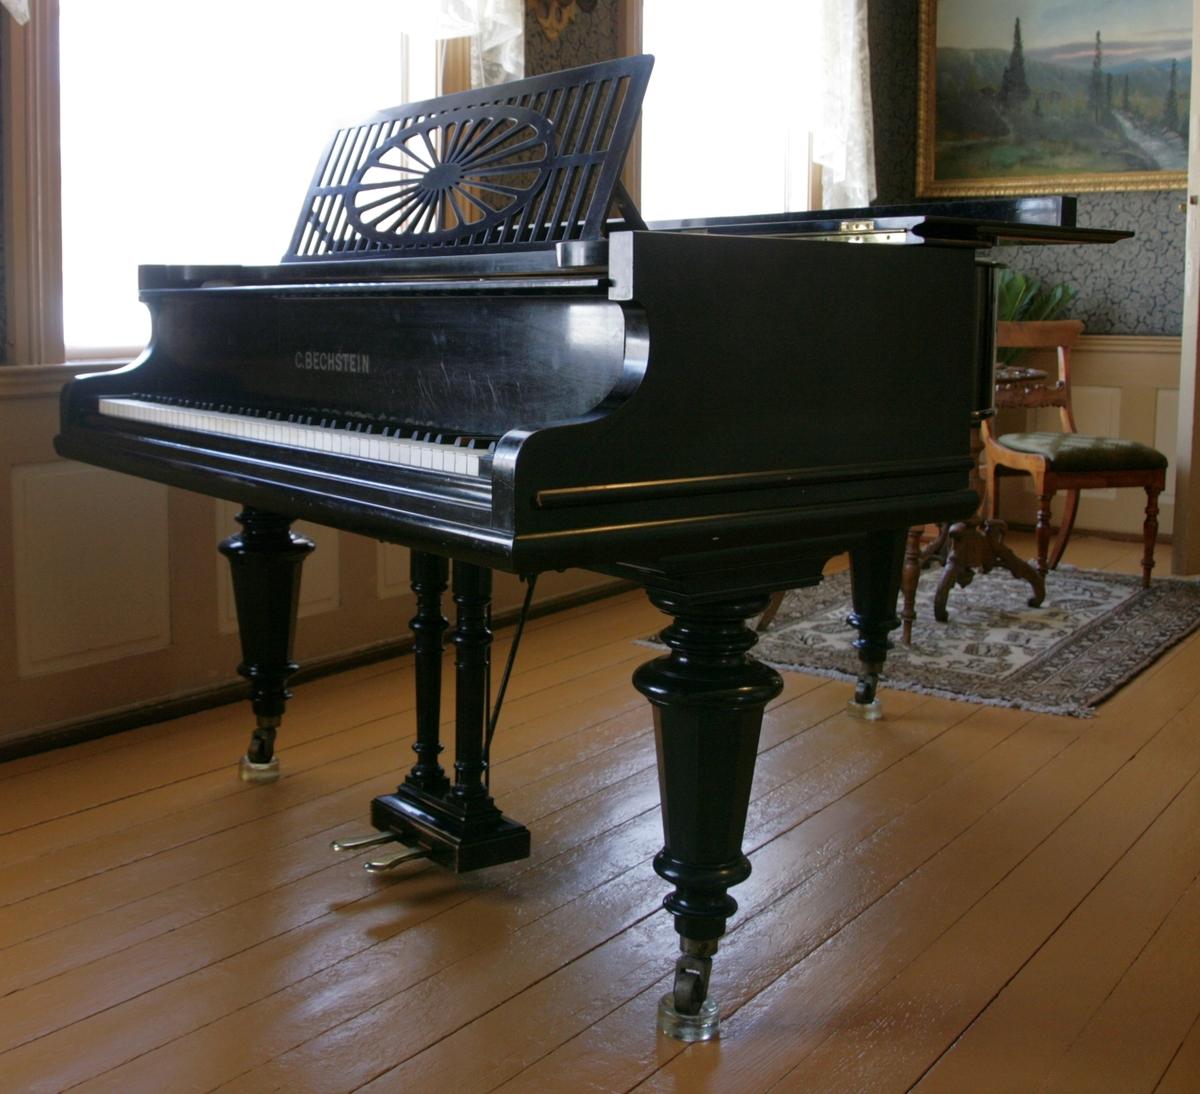 """Omfang: AAA-a'''' (7 oktaver) Svartmalt kasse. Tre ben. Lokk som kan åpnes. Notebrett som kan legges ned under lokket.  Helstøpt jernramme.  To pedaler: v. """"due corda"""" (piano); h. demperløft (forte). Dempere til og med d'''. AAA-AA (13 strenger) enkorig, med tettspunnet kobber om jern/stål BB-A (12 x 2 strenger) tokorig, med tettspunnet kobber om jern/stål B-a'''' trekorig, stål/jern."""